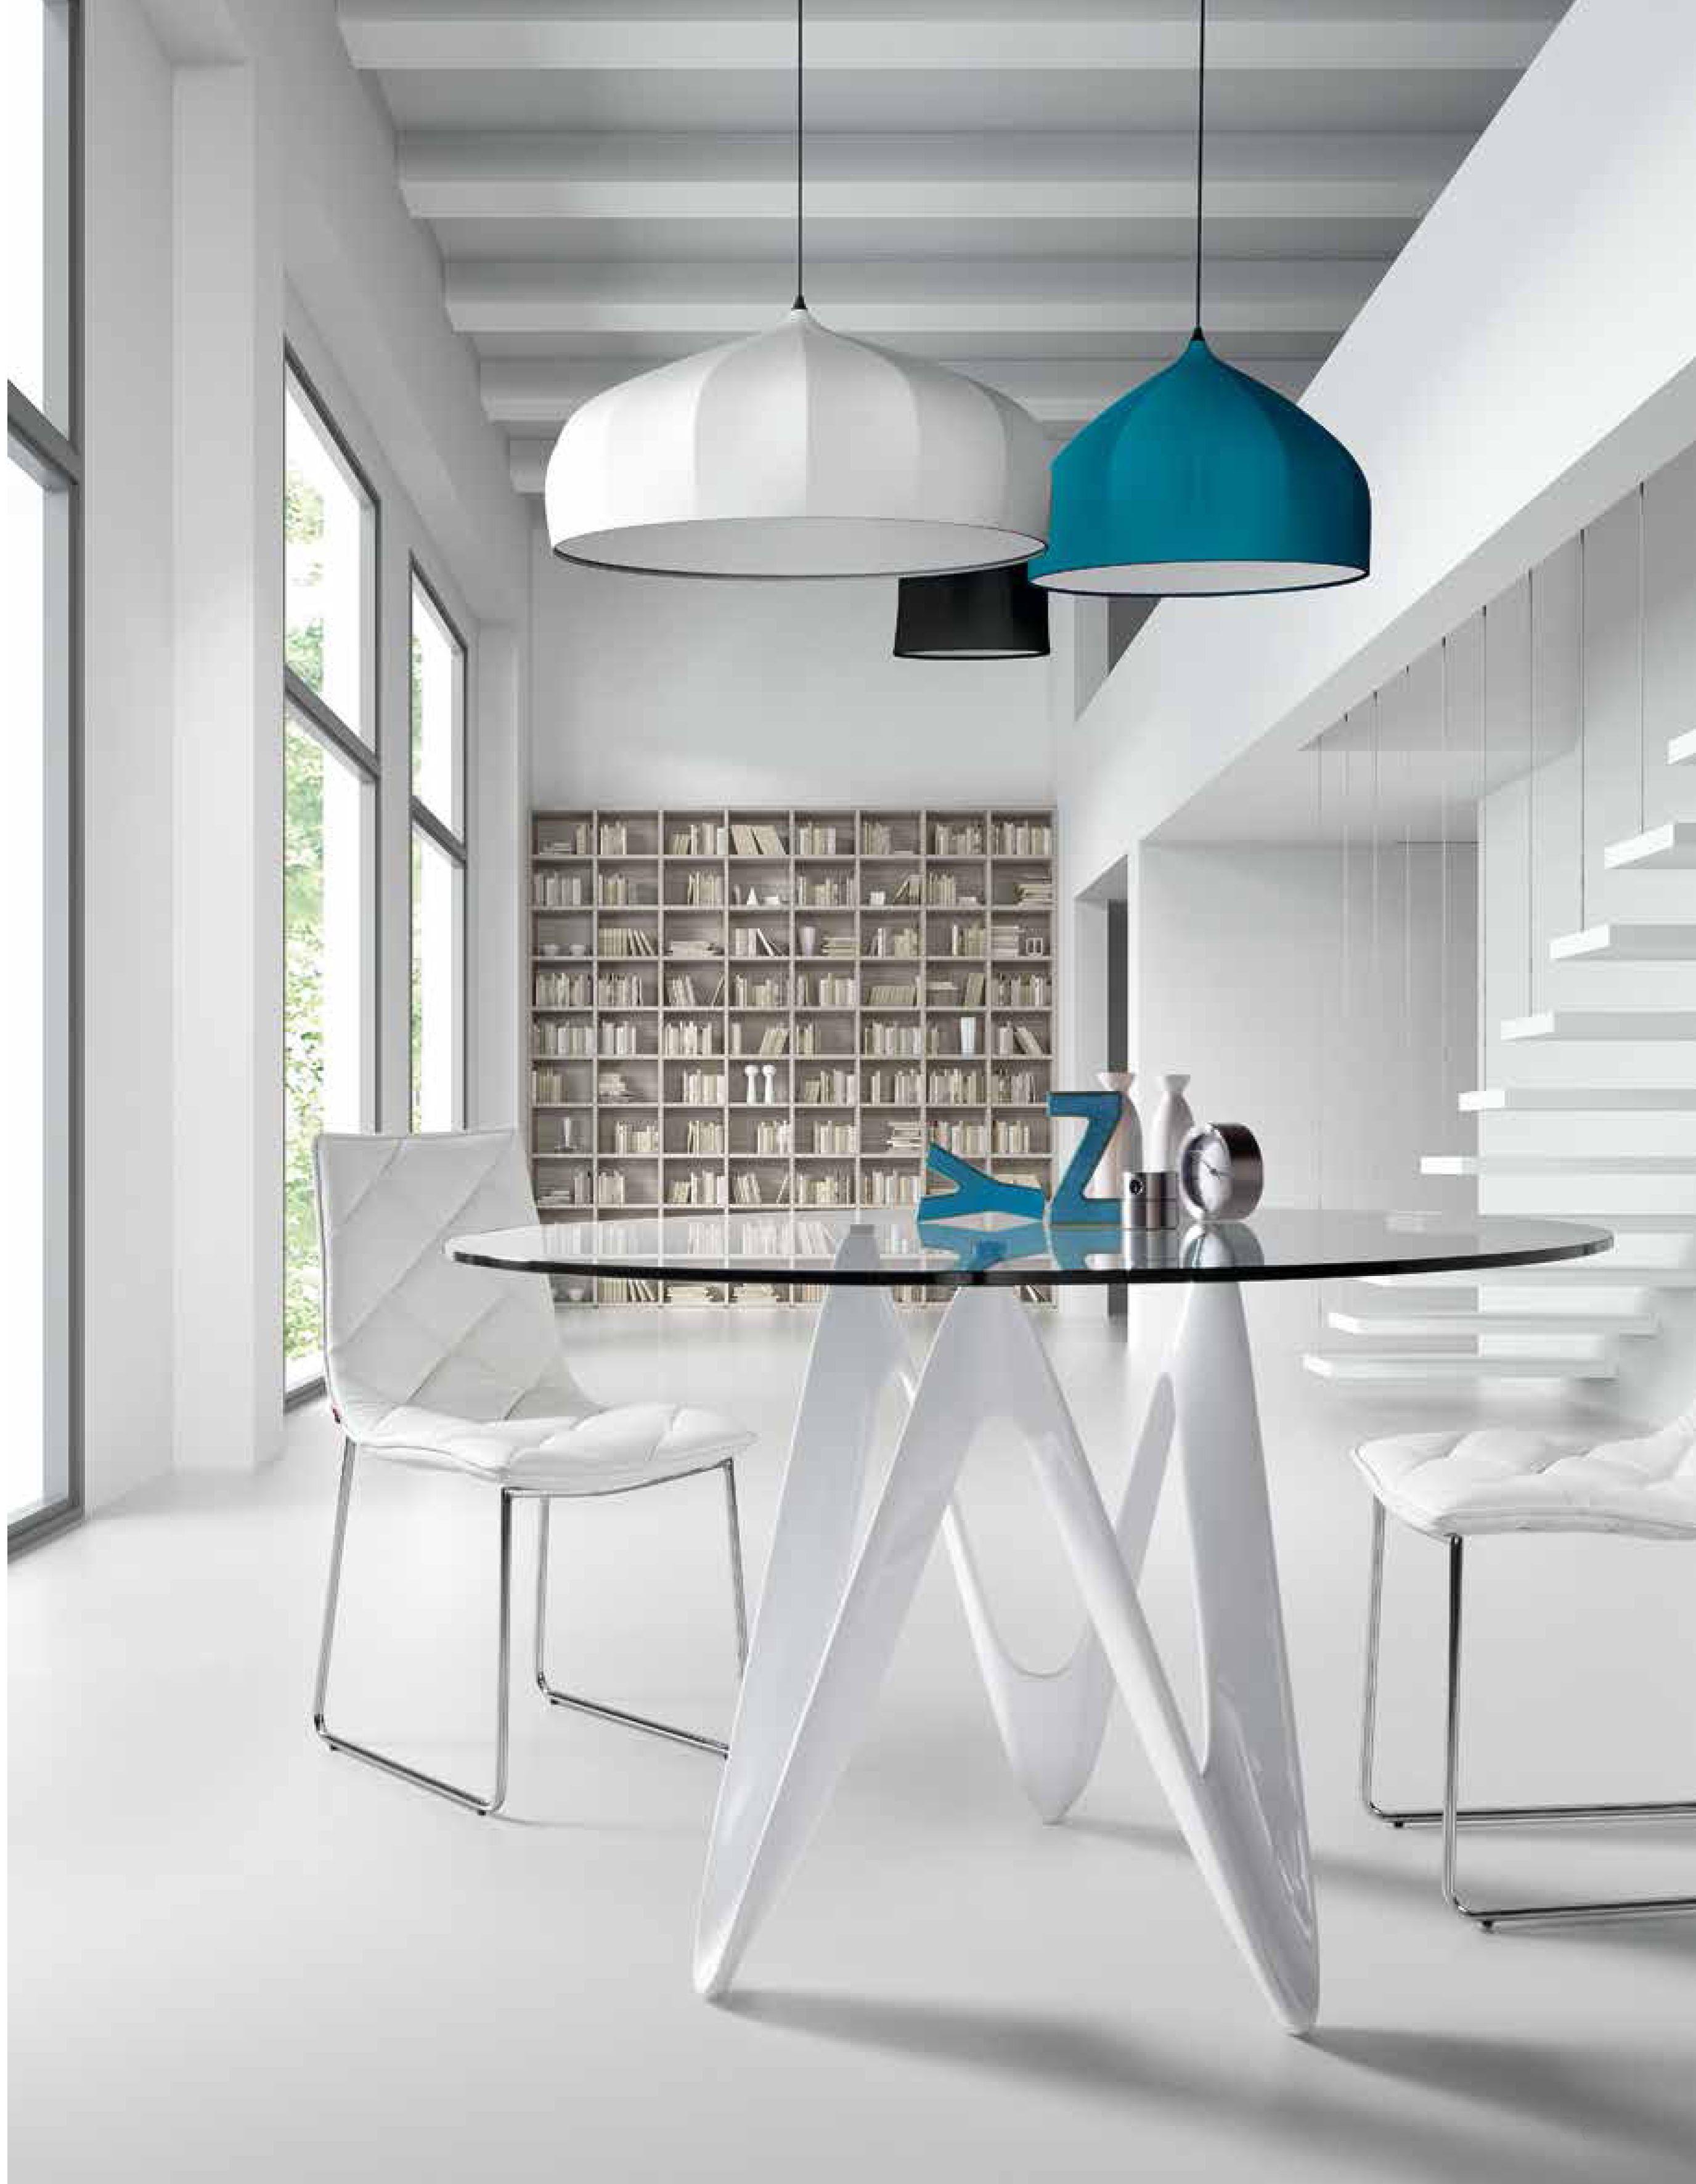 Tavolo Rotondo Moderno Design.Tavolo In Vetro E Fibra Di Vetro Finitura Bianco Assoluto Rotondo